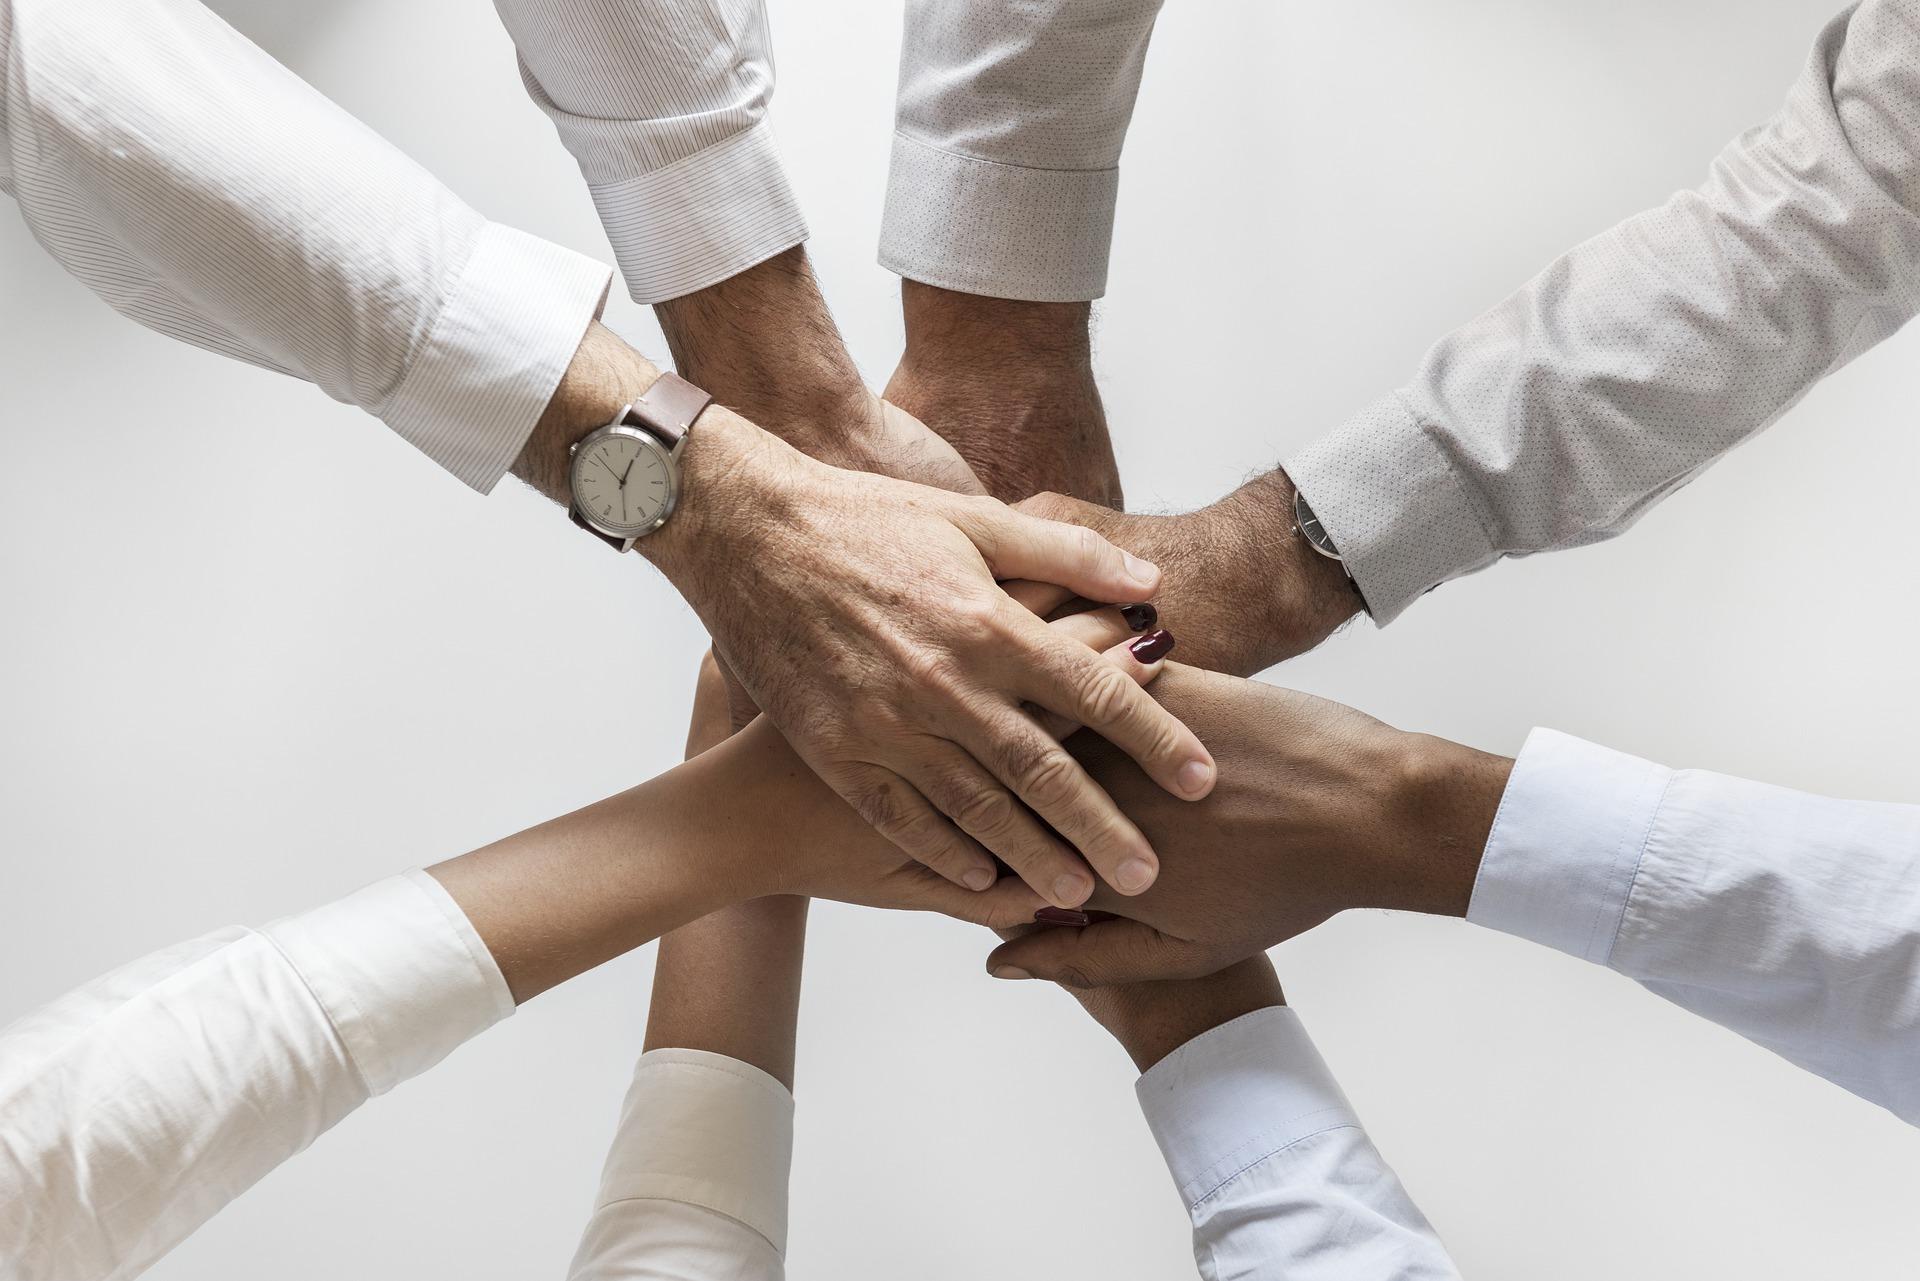 Setzen Sie uns als verlängerten Arm Ihres Unternehmens ein.